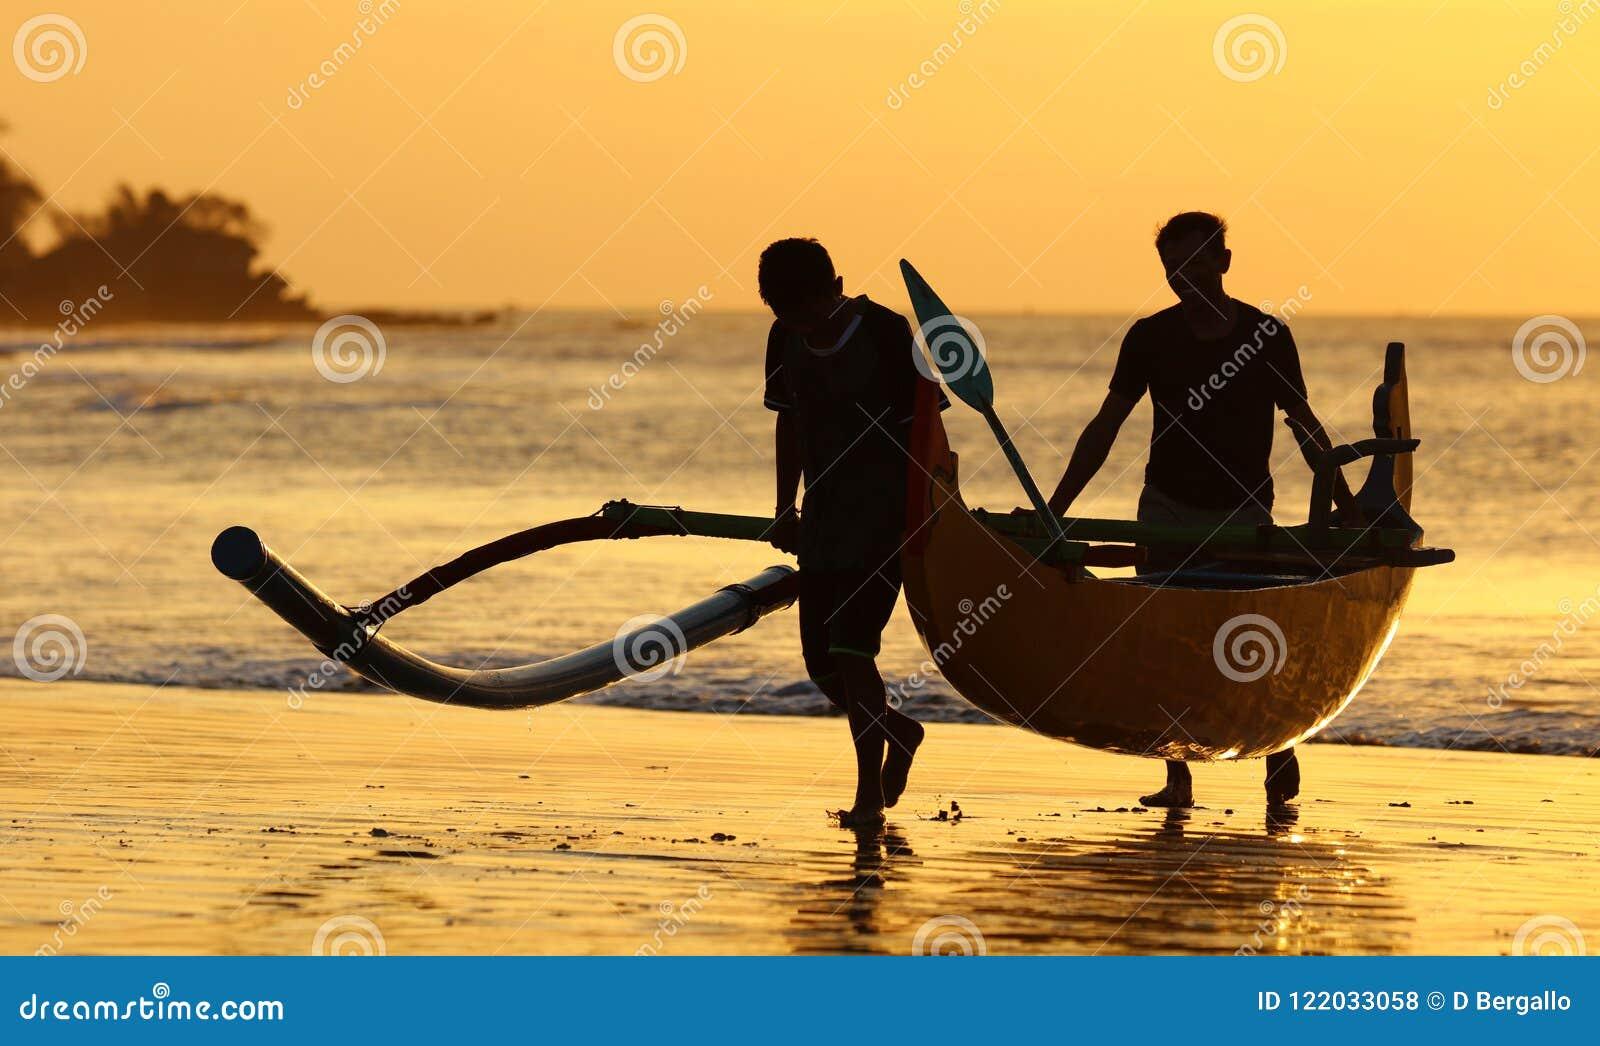 Βάρκα ψαράδων με δύο ψαράδες στο Μπαλί, Ινδονησία κατά τη διάρκεια του ηλιοβασιλέματος στην παραλία